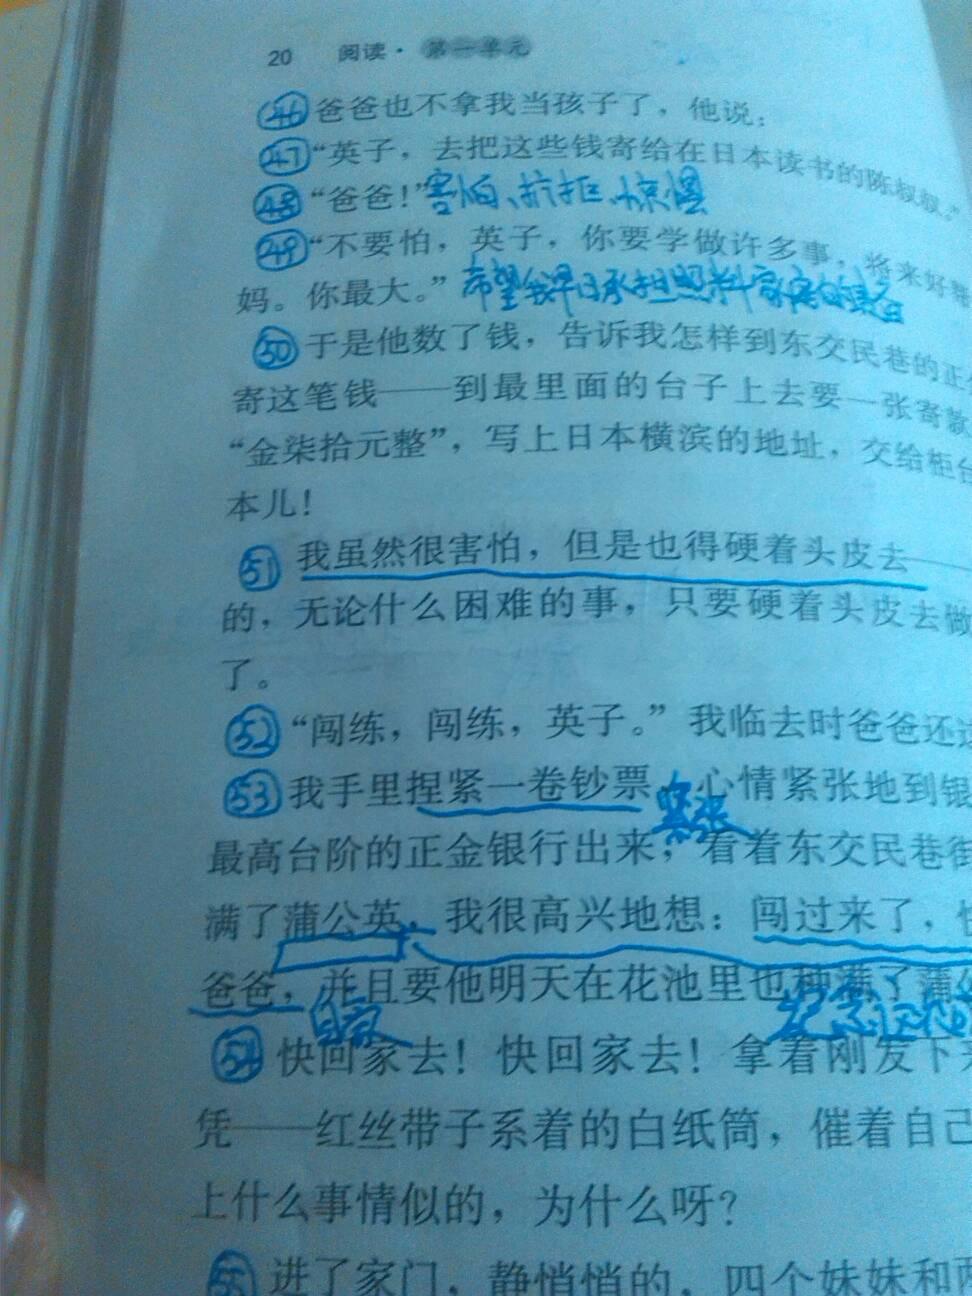 如小学语文课文是句号为一段吗